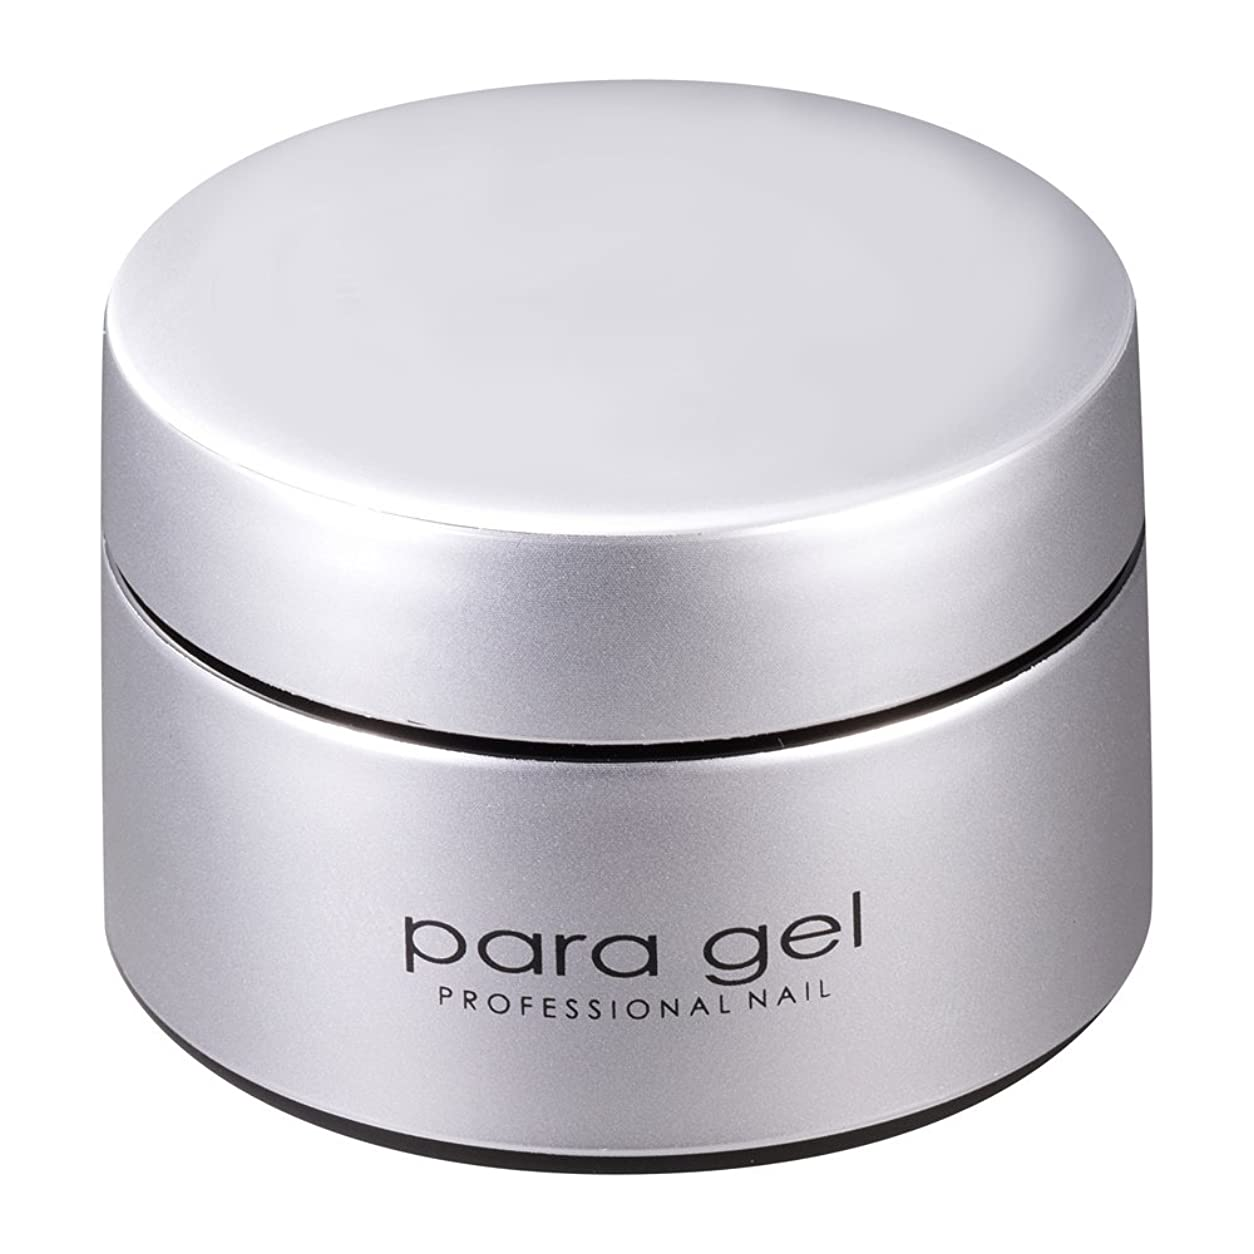 変色するインタラクション発行para gel カラージェル AR21 グリーンターコイズ 4g